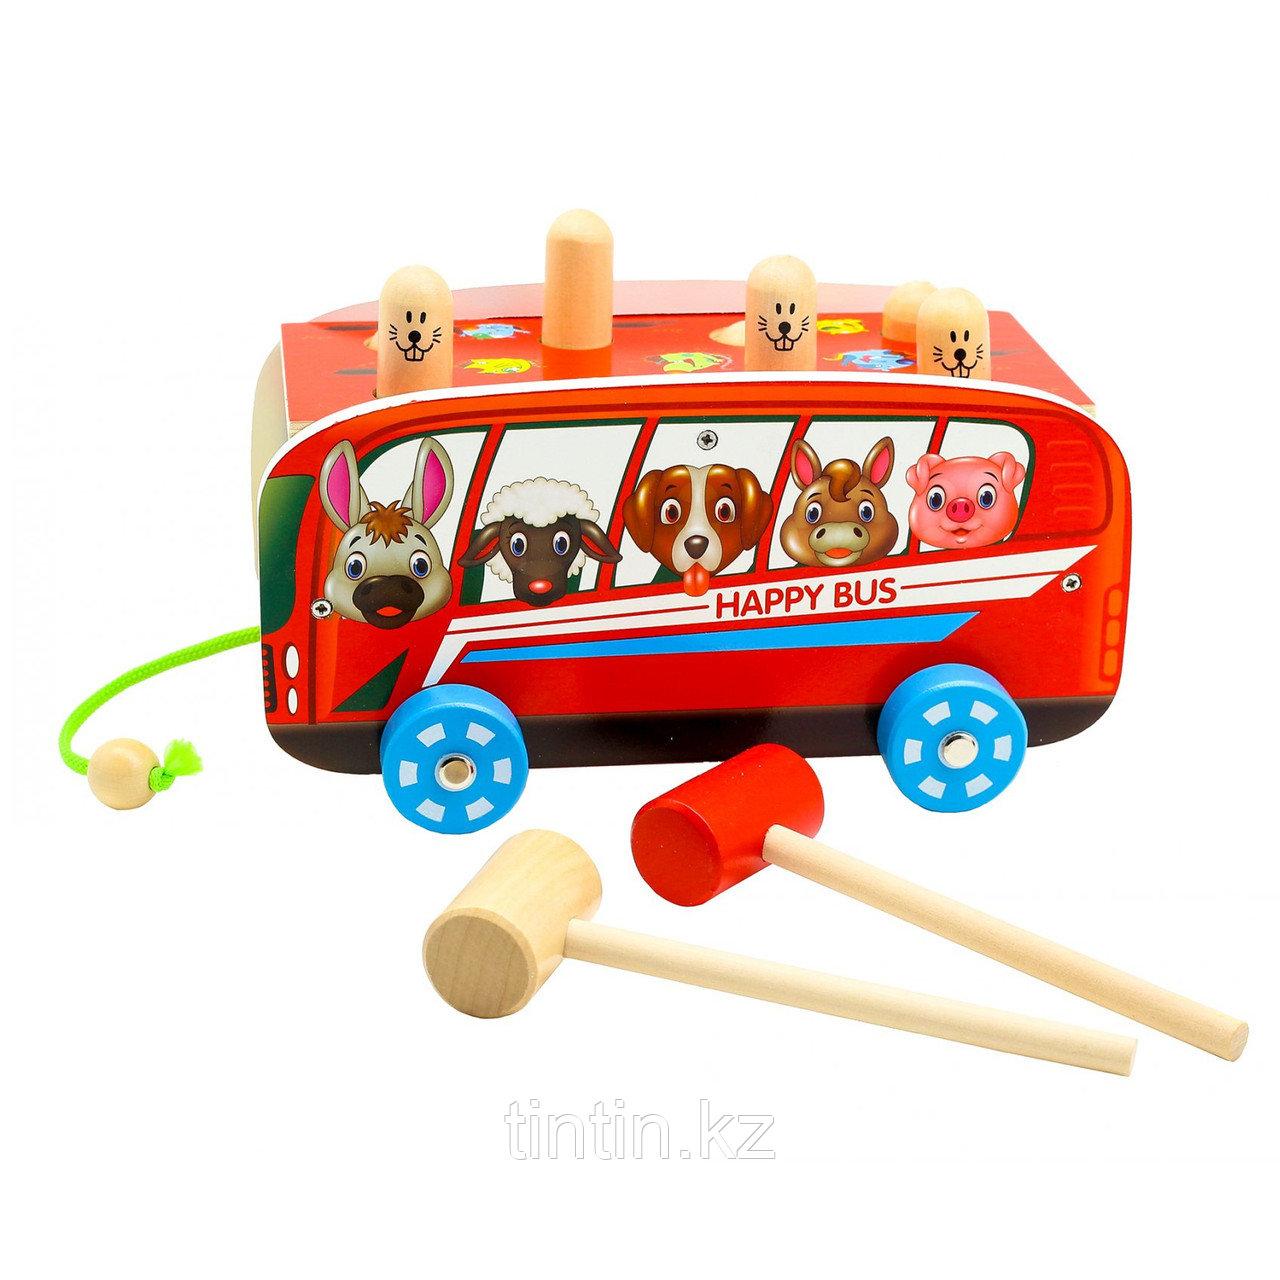 Деревянная игрушка стучалка-каталка - Автобус